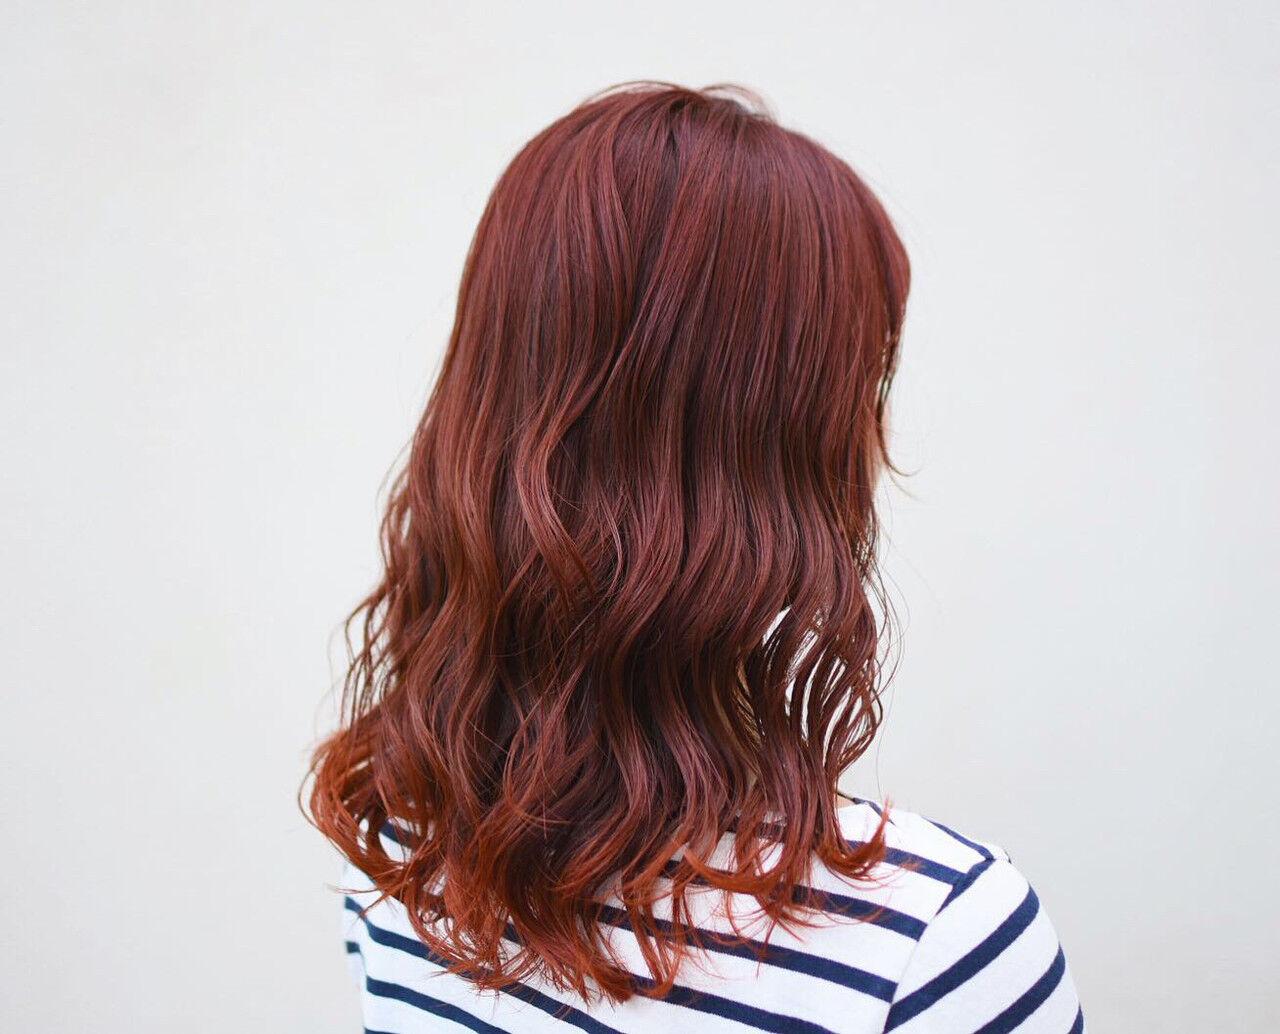 インナーカラー 裾カラー オレンジカラー セミロングヘアスタイルや髪型の写真・画像